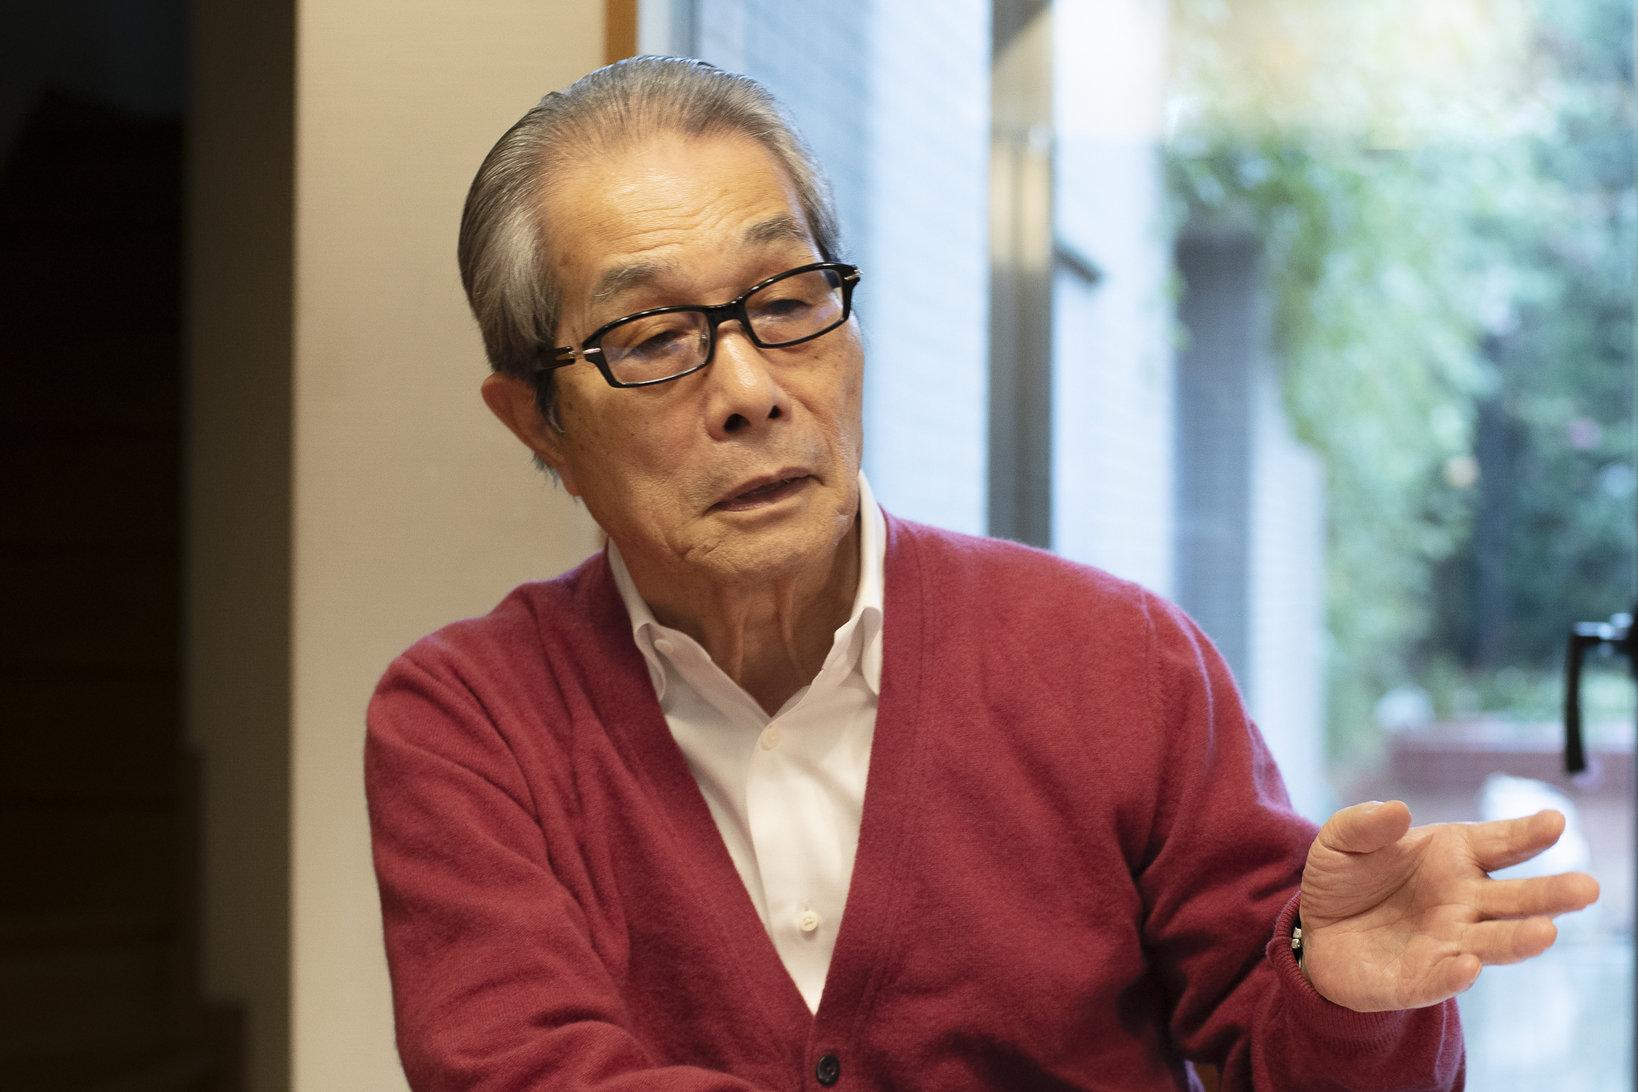 田口弘さん。1937年岐阜県生まれ。  FA部品や金型部品の専門商社ミスミ創業後、「マーケットアウト」  「購買代理店」「持たざる経営」「オープンポリシー」「プラットフォーム  カンパニー」など、独自の経営理念や新規事業を次々に打ち出し、ミスミを年商550億円、東証1部上場企業へ育てあげた。